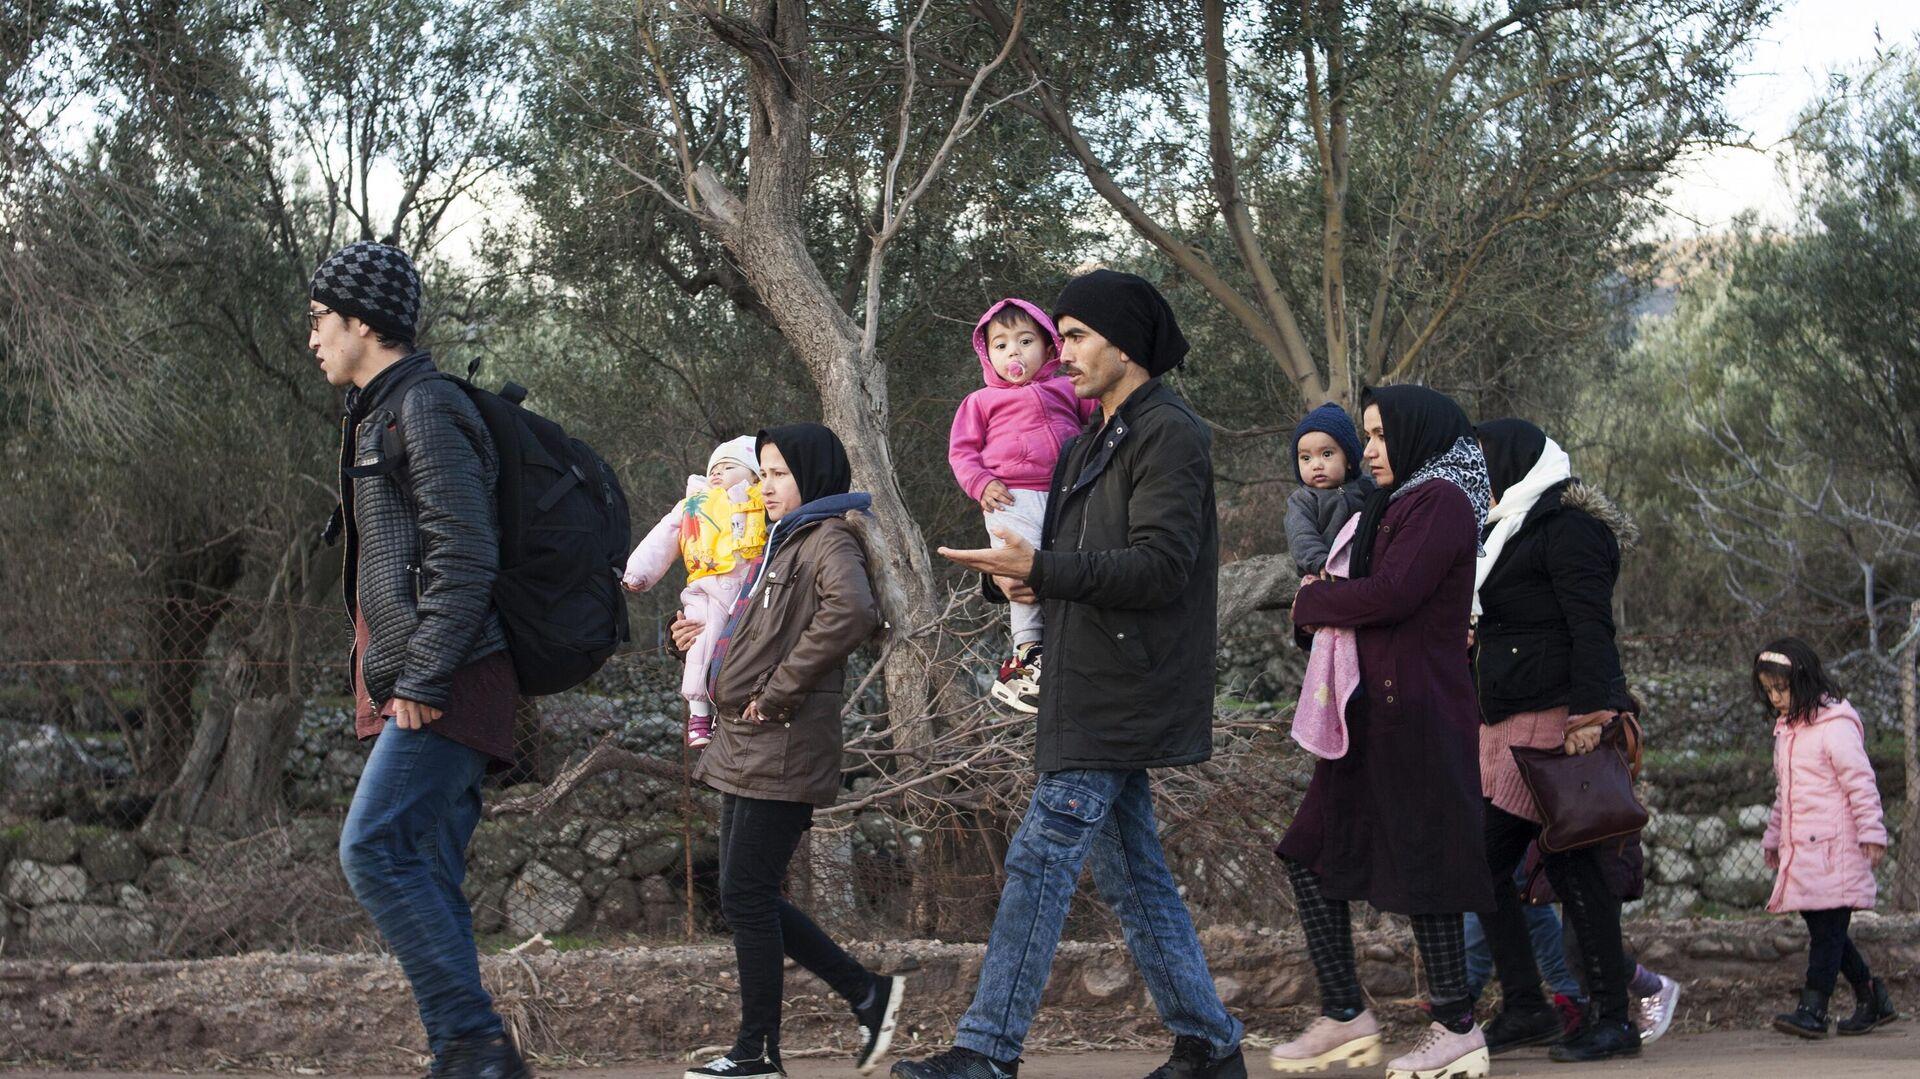 Flüchtlinge aus dem Nahen Osten auf der griechischen Insel Lesbos (Archivbild) - SNA, 1920, 24.02.2021